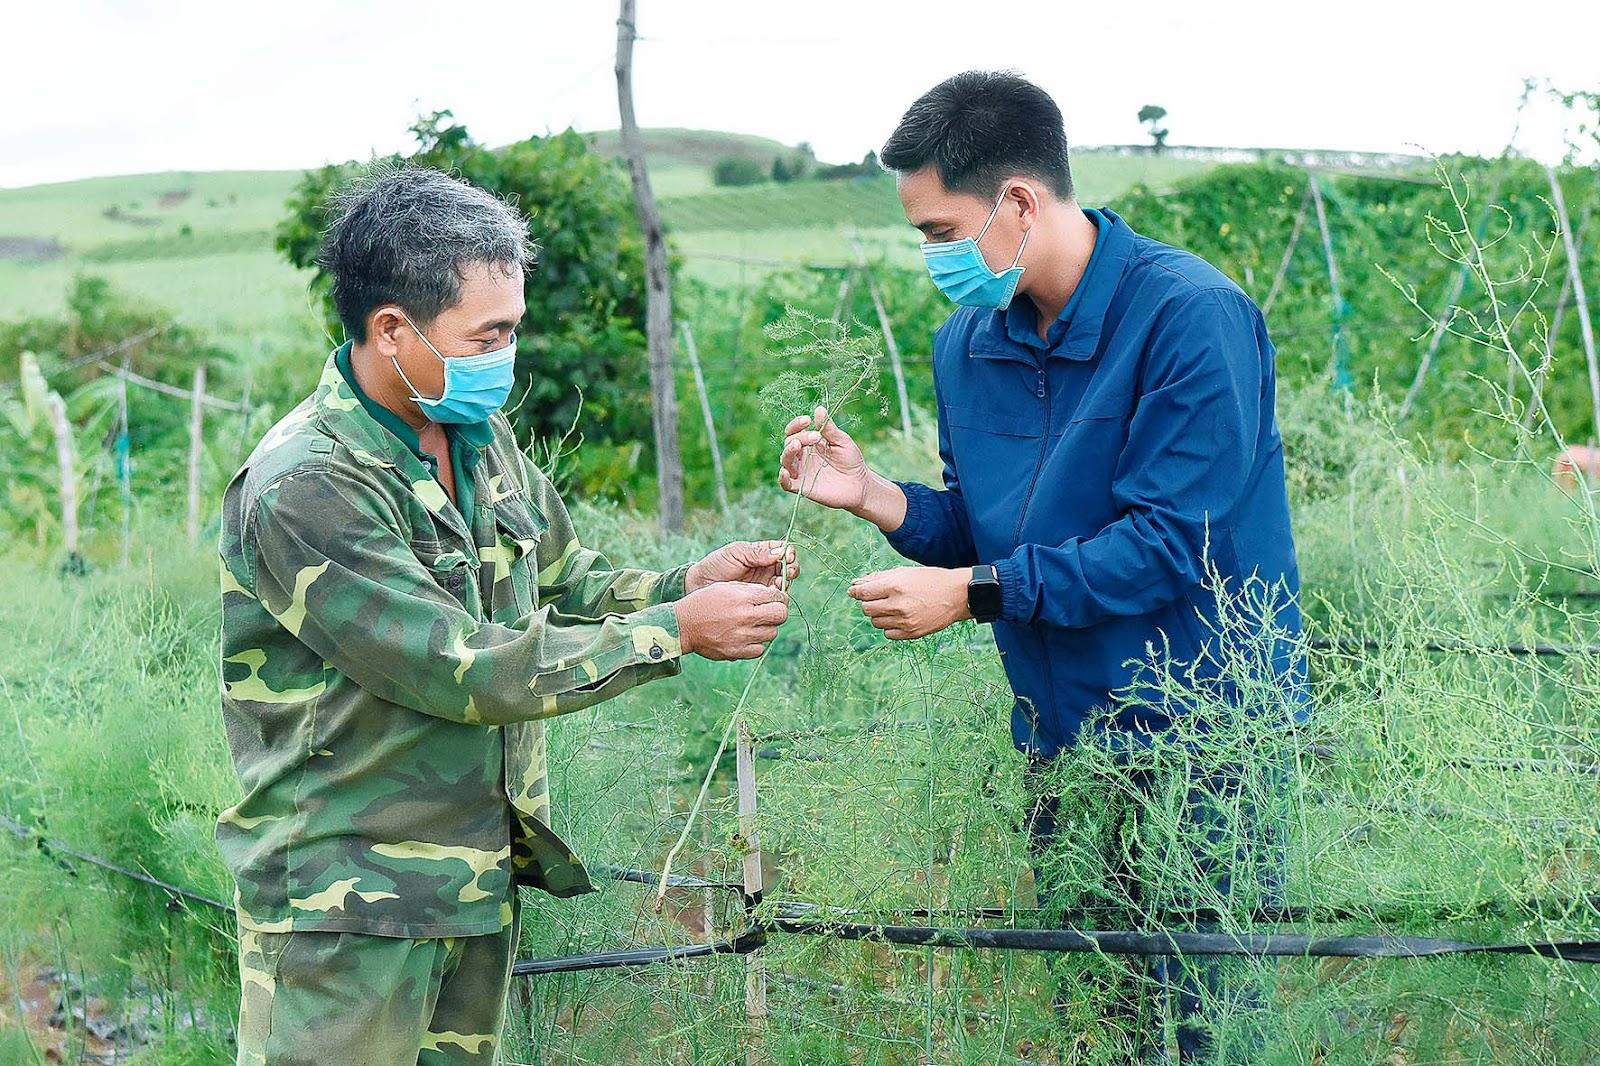 4.Cán bộ kỹ thuật Trung tâm Dịch vụ nông nghiệp hướng dẫn hộ dân tham gia dự án chăm sóc cây măng tây.